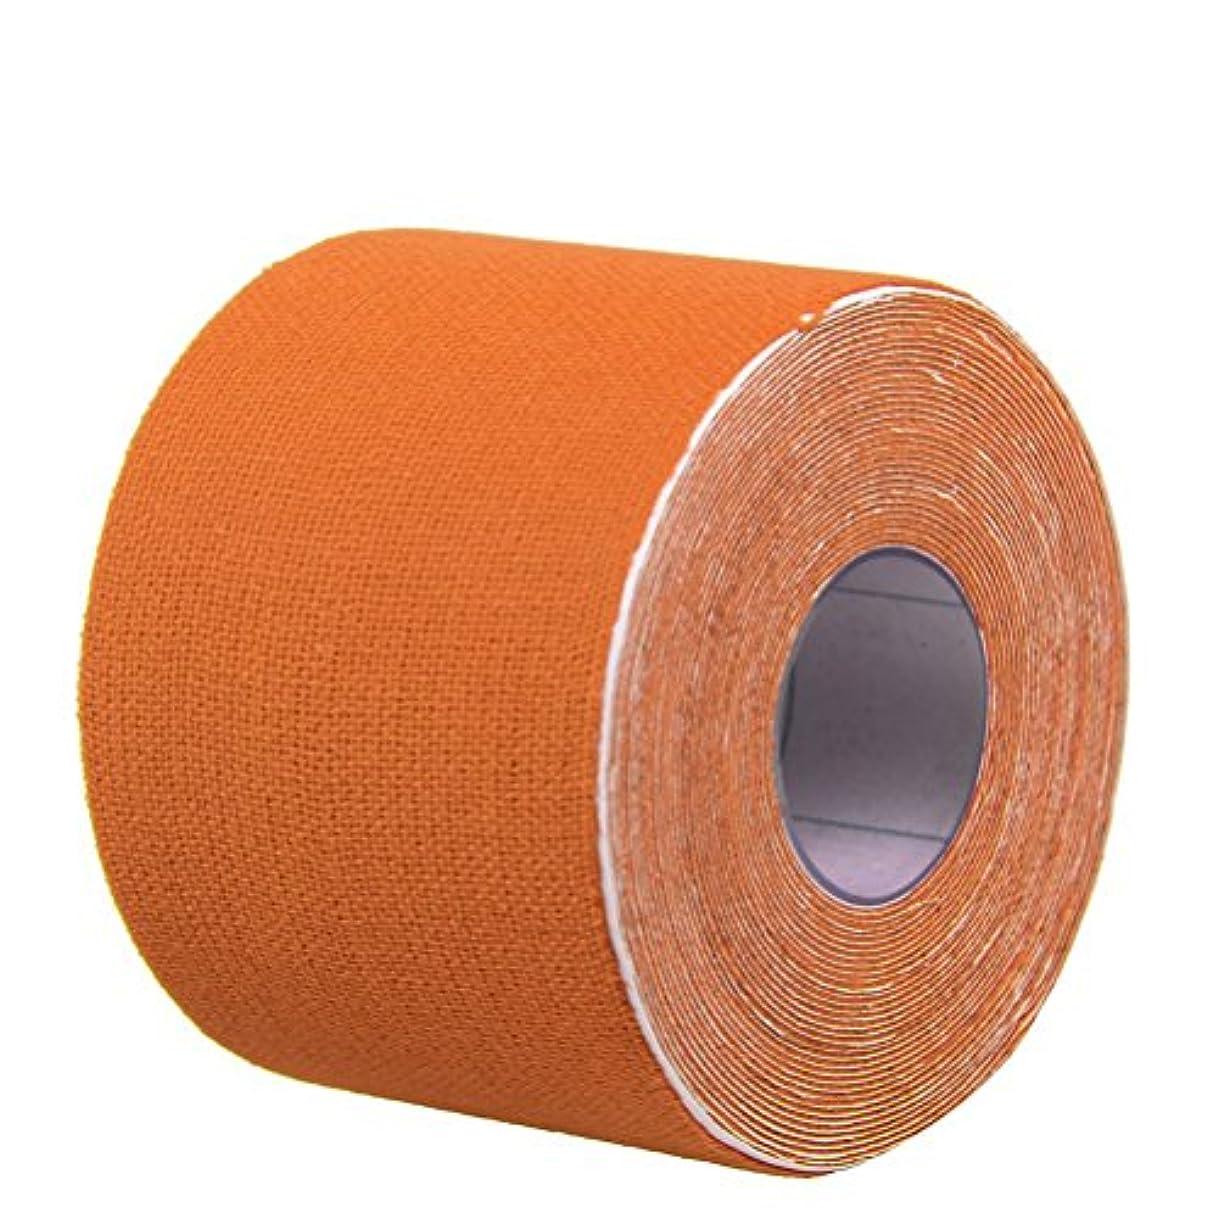 矢じりスカイ忌避剤ROSENICE キネシオロジーテープセットセラピースポーツフィジオセラピー500x2.5cm(オレンジ)